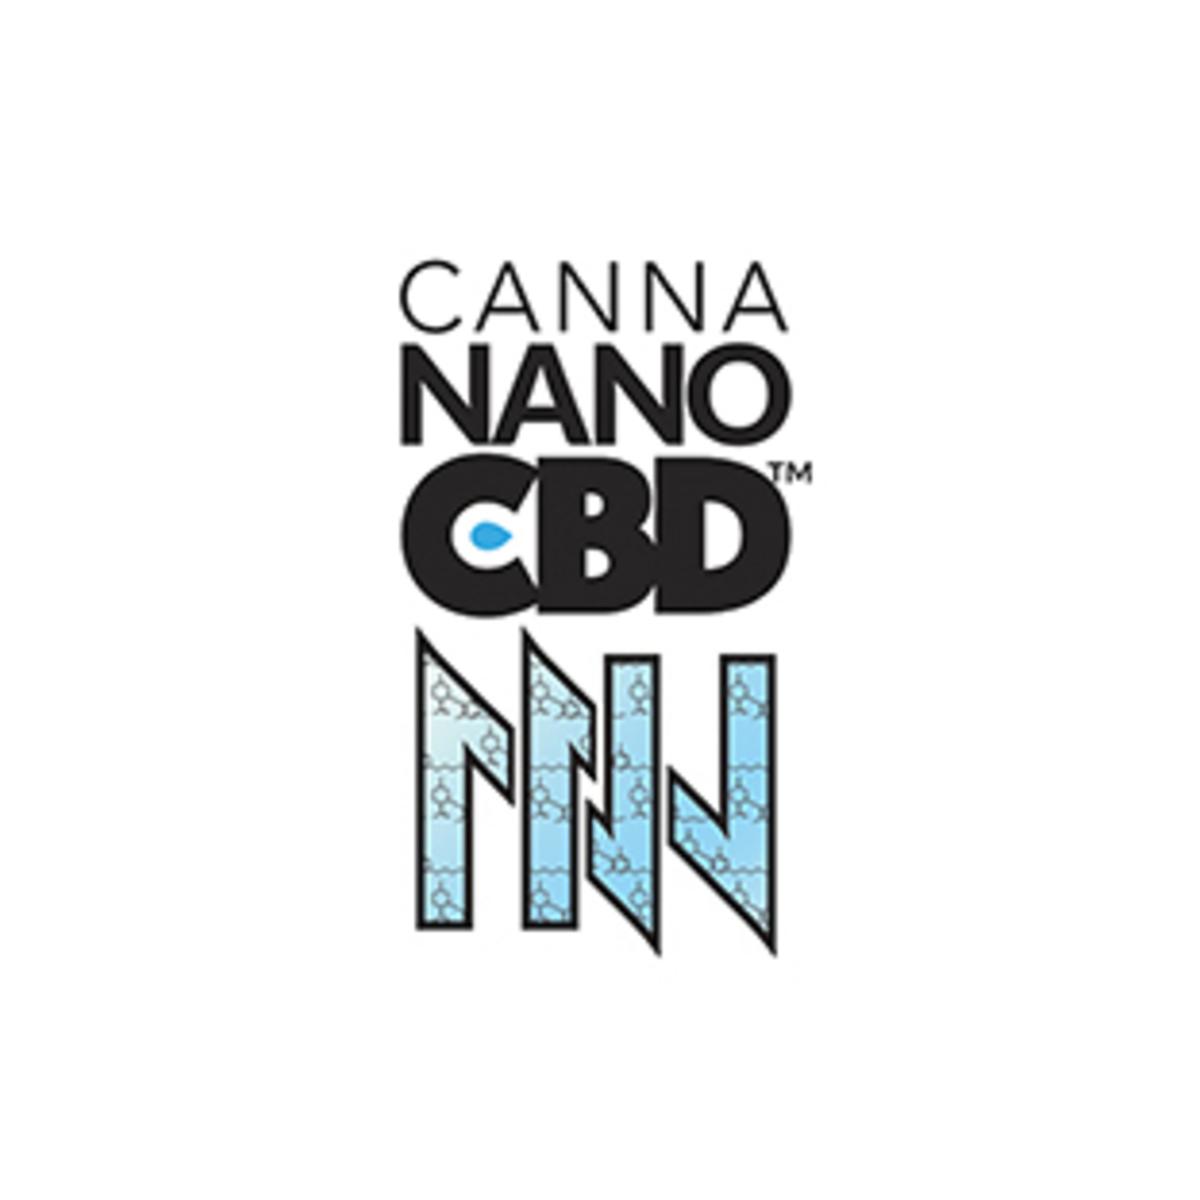 Canna Nano